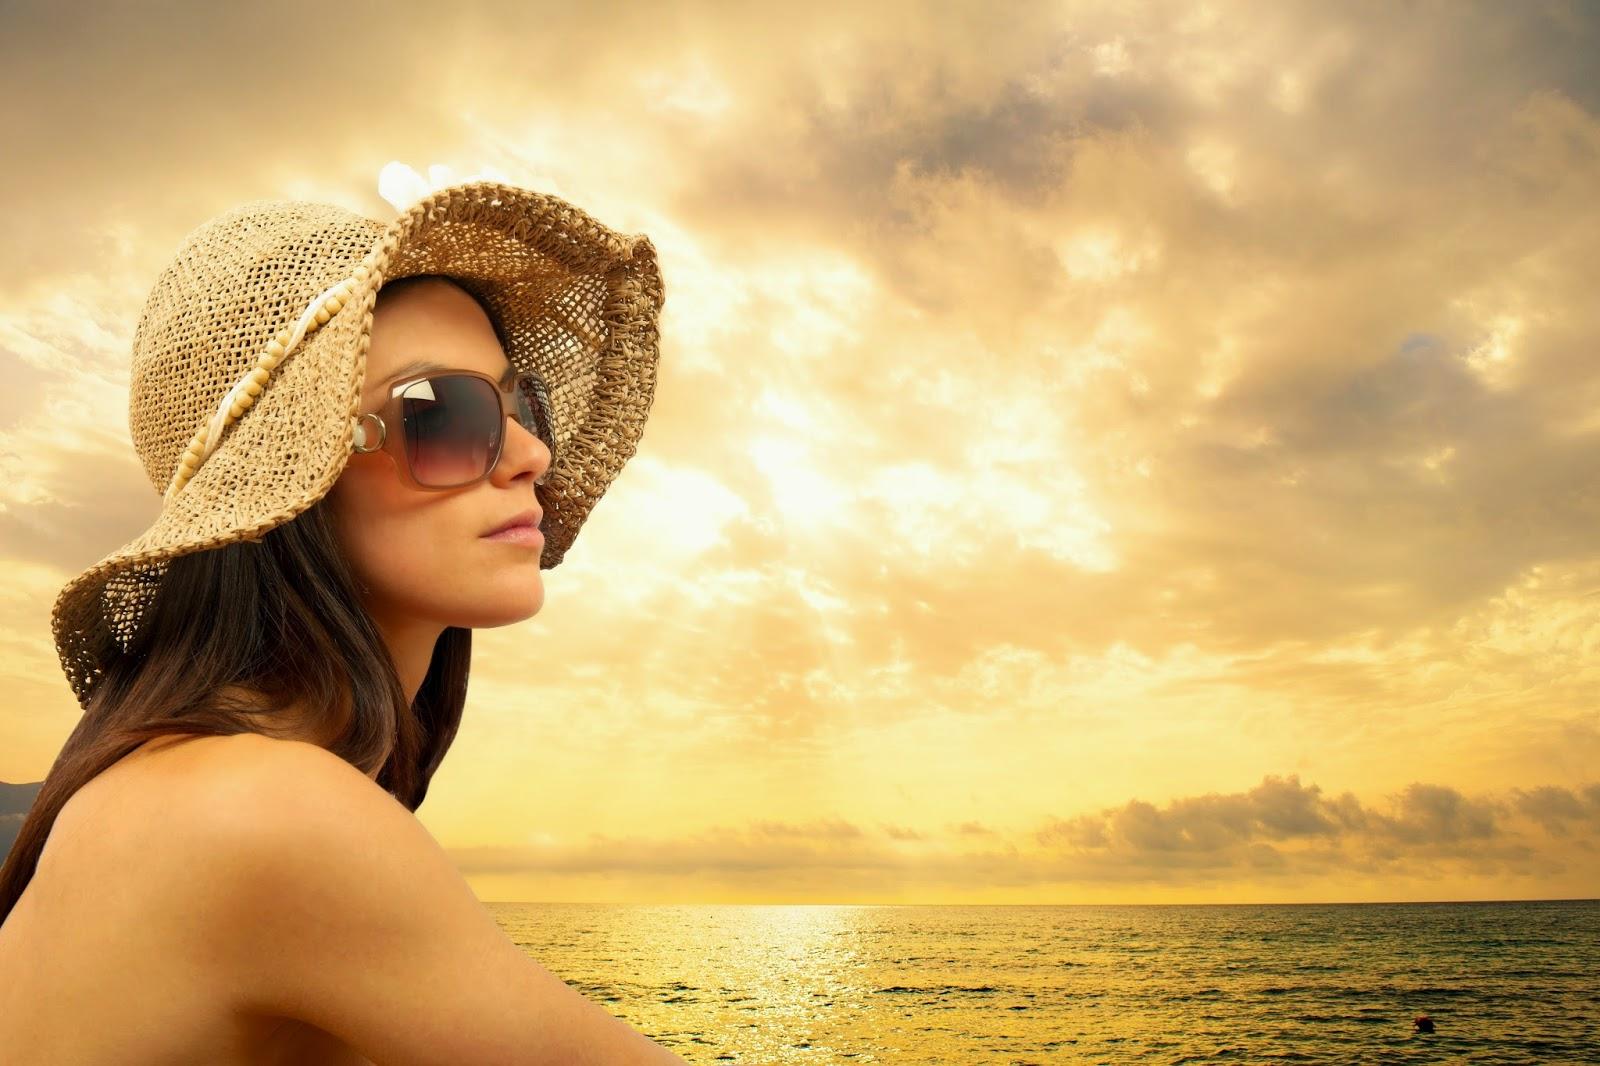 Precaución ante el calor y las altas temperaturas -  fenix directo